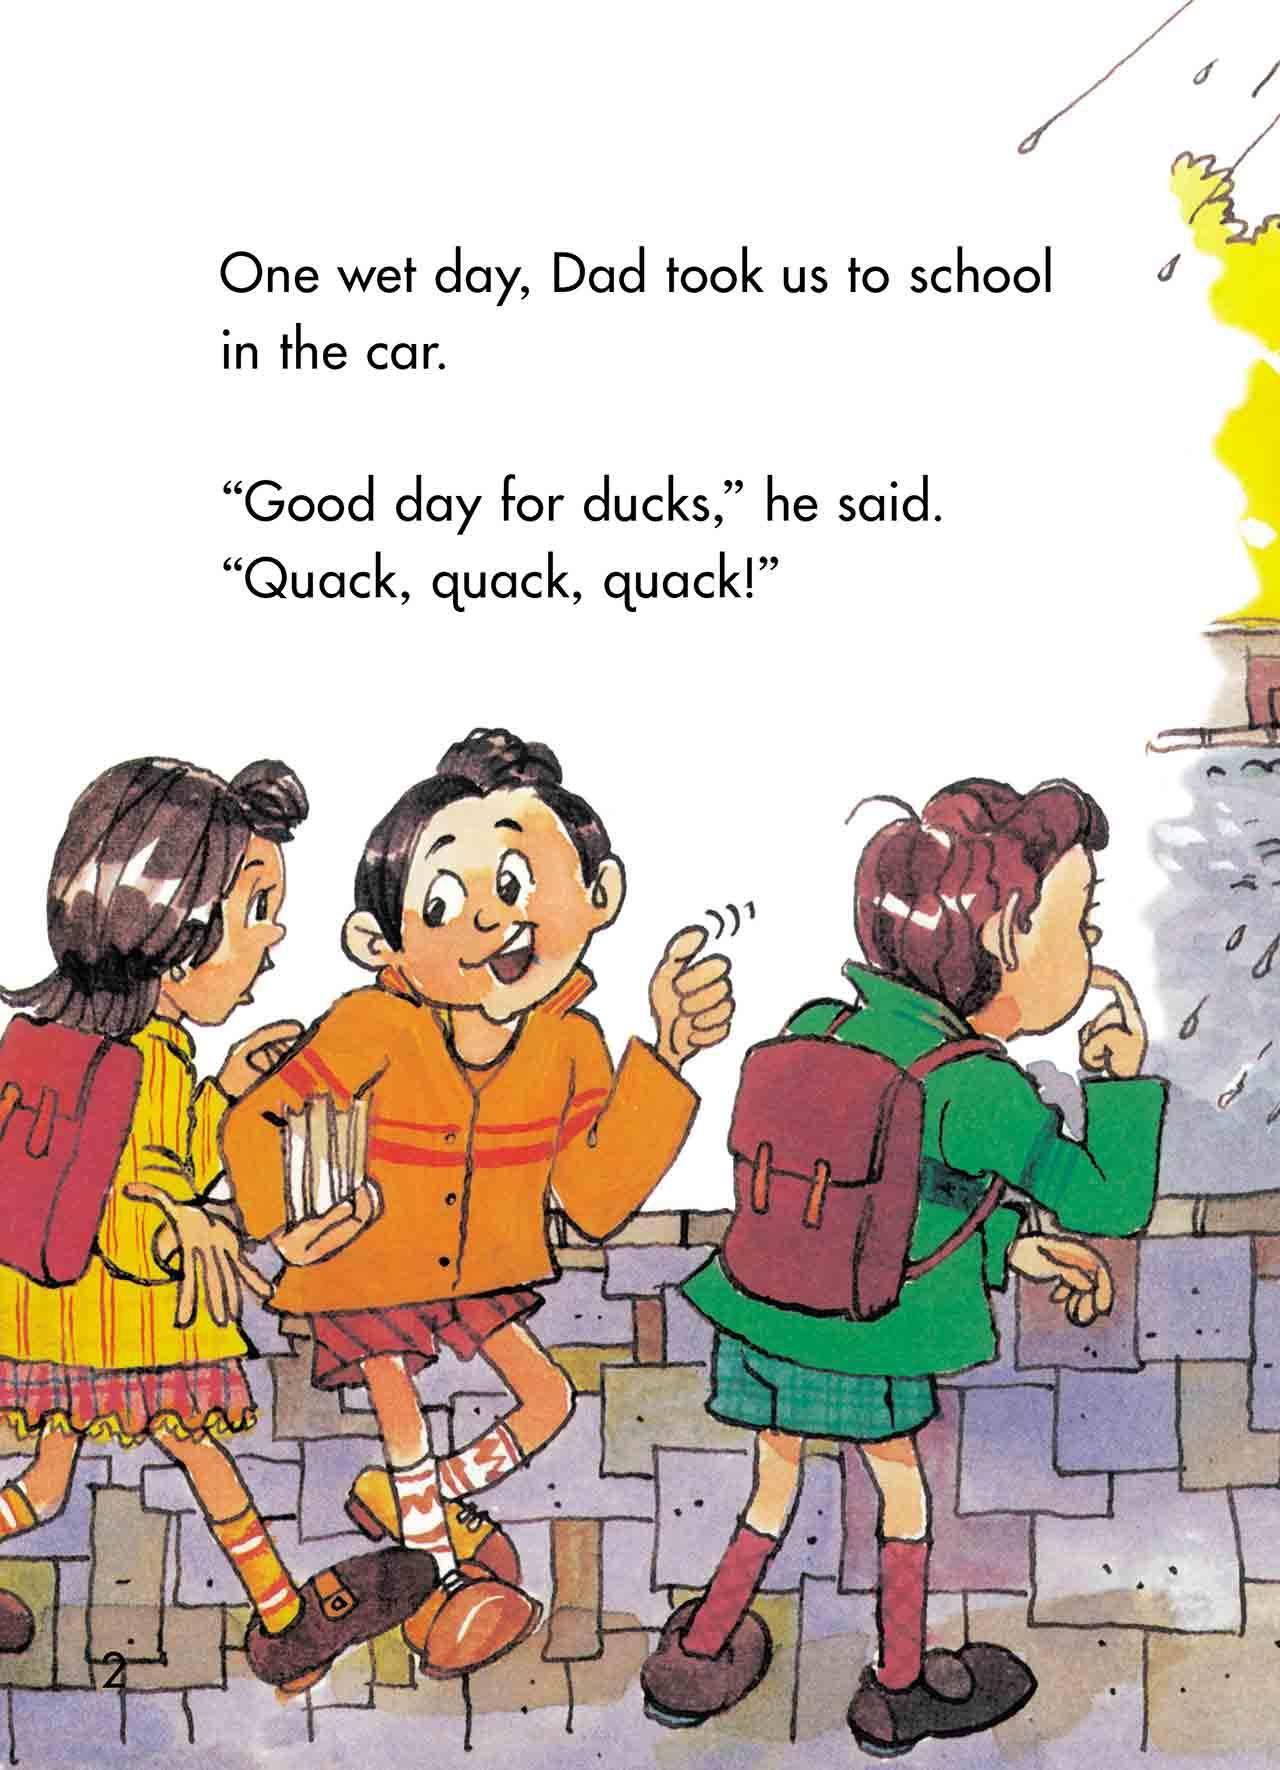 quack quack in